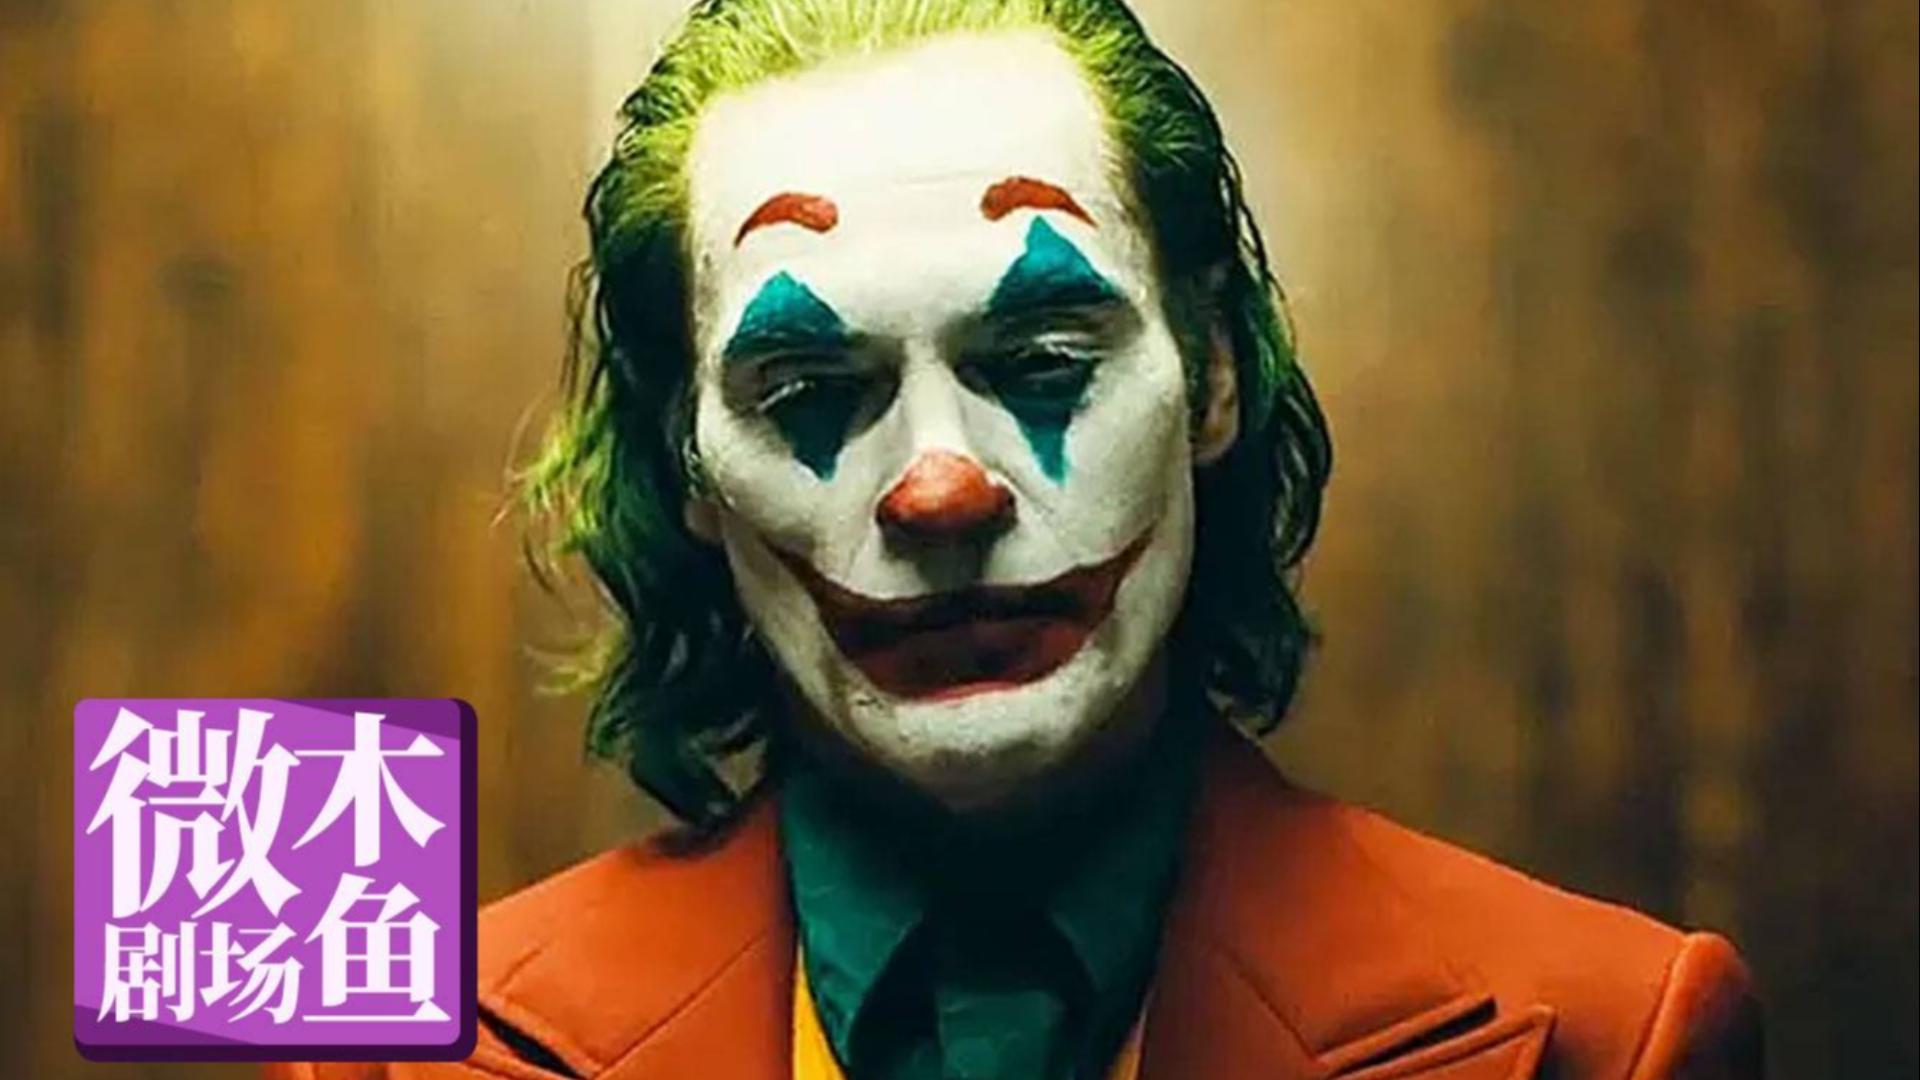 【木鱼微剧场】《小丑》这部问鼎威尼斯,斩获10亿美元的犯罪片,究竟如何呢?